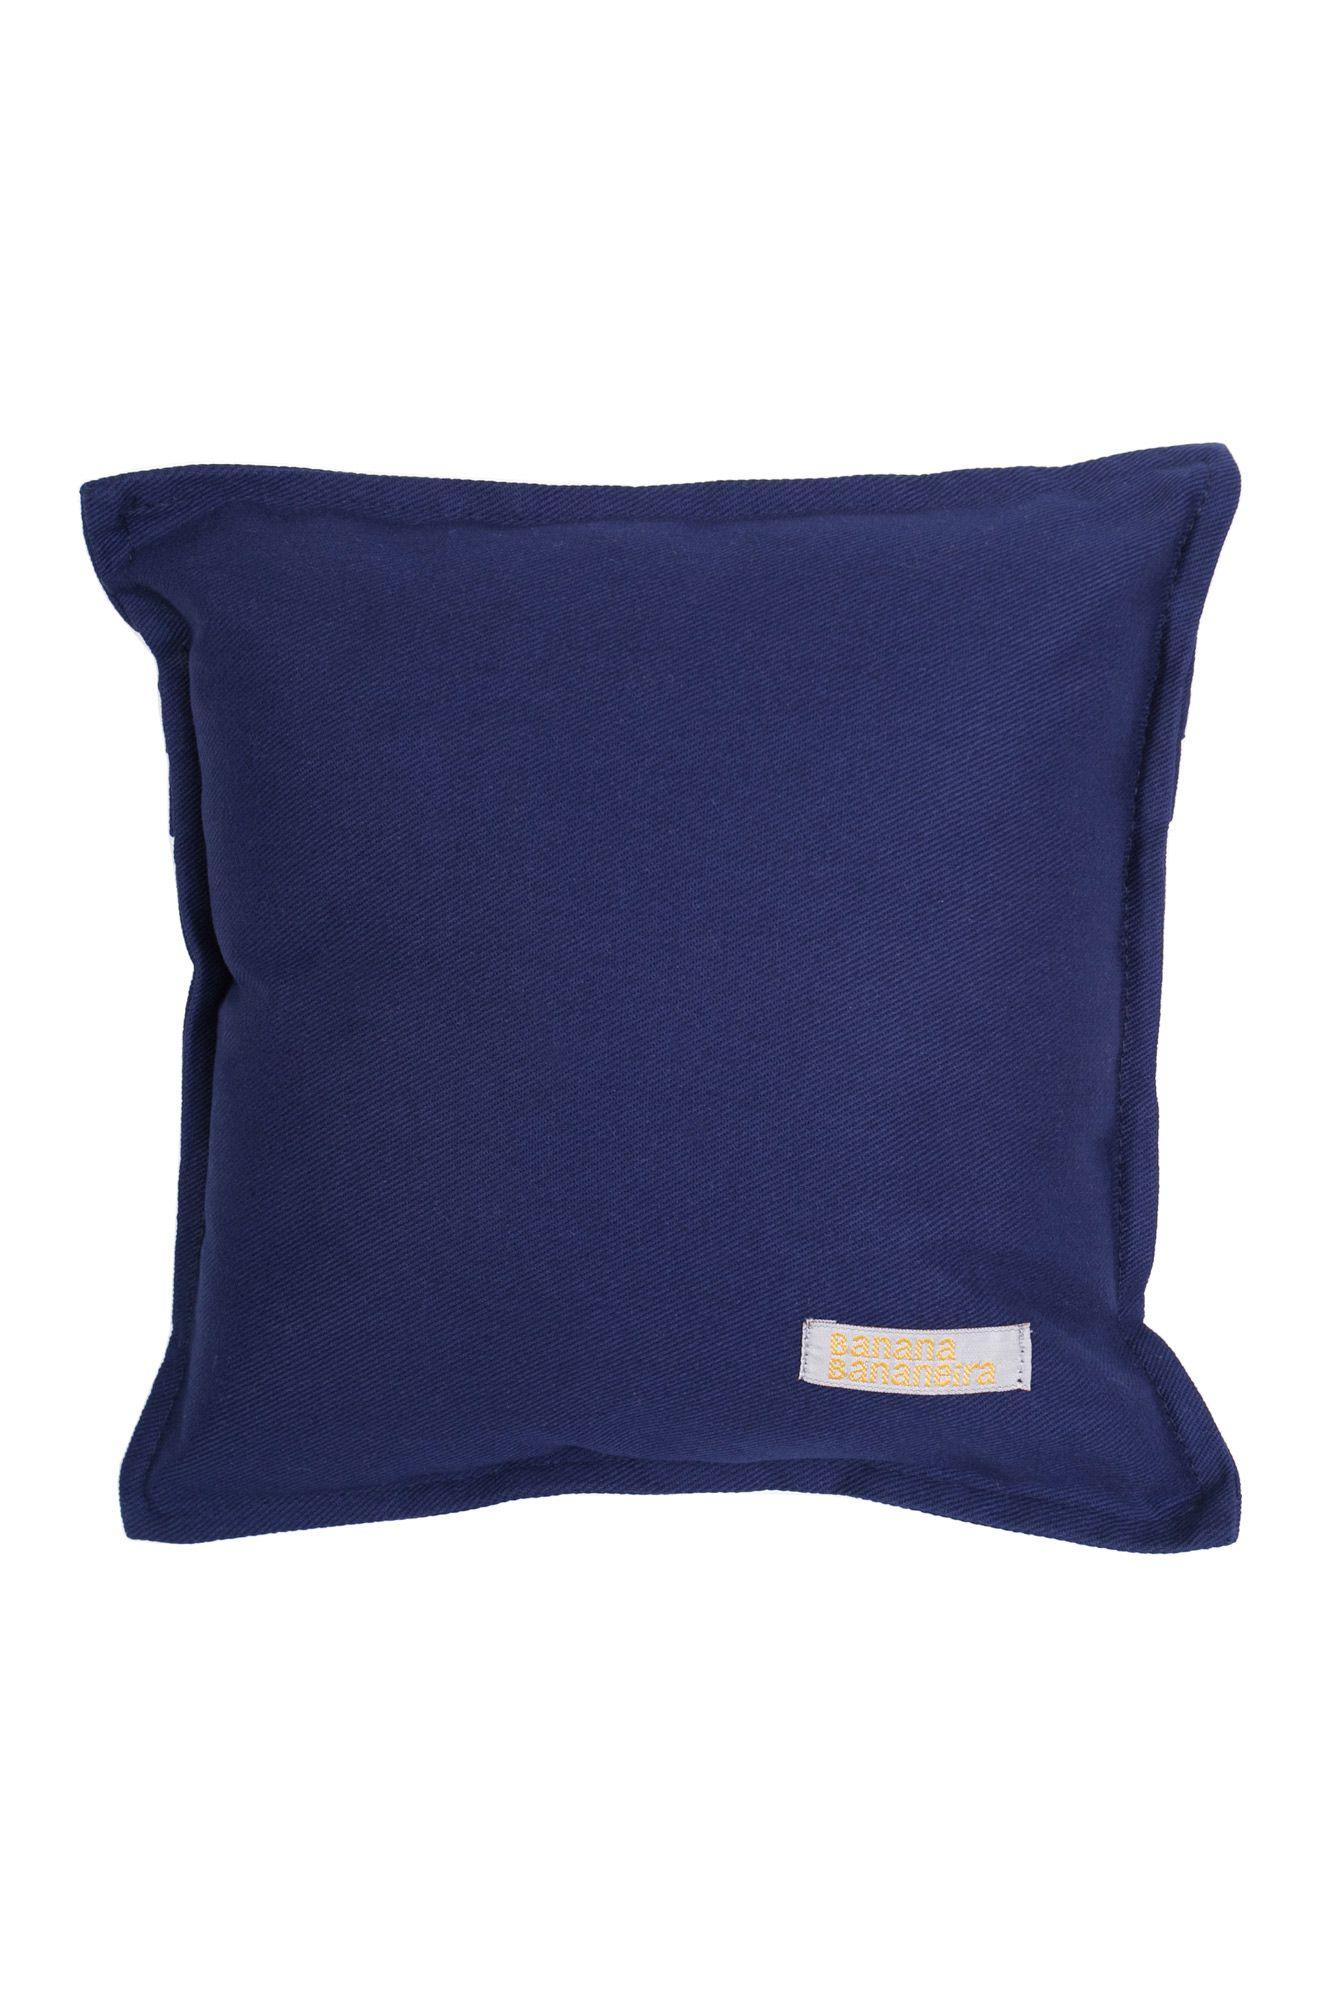 Almofada em pesponto 25 cm x 25 cm azul marinho